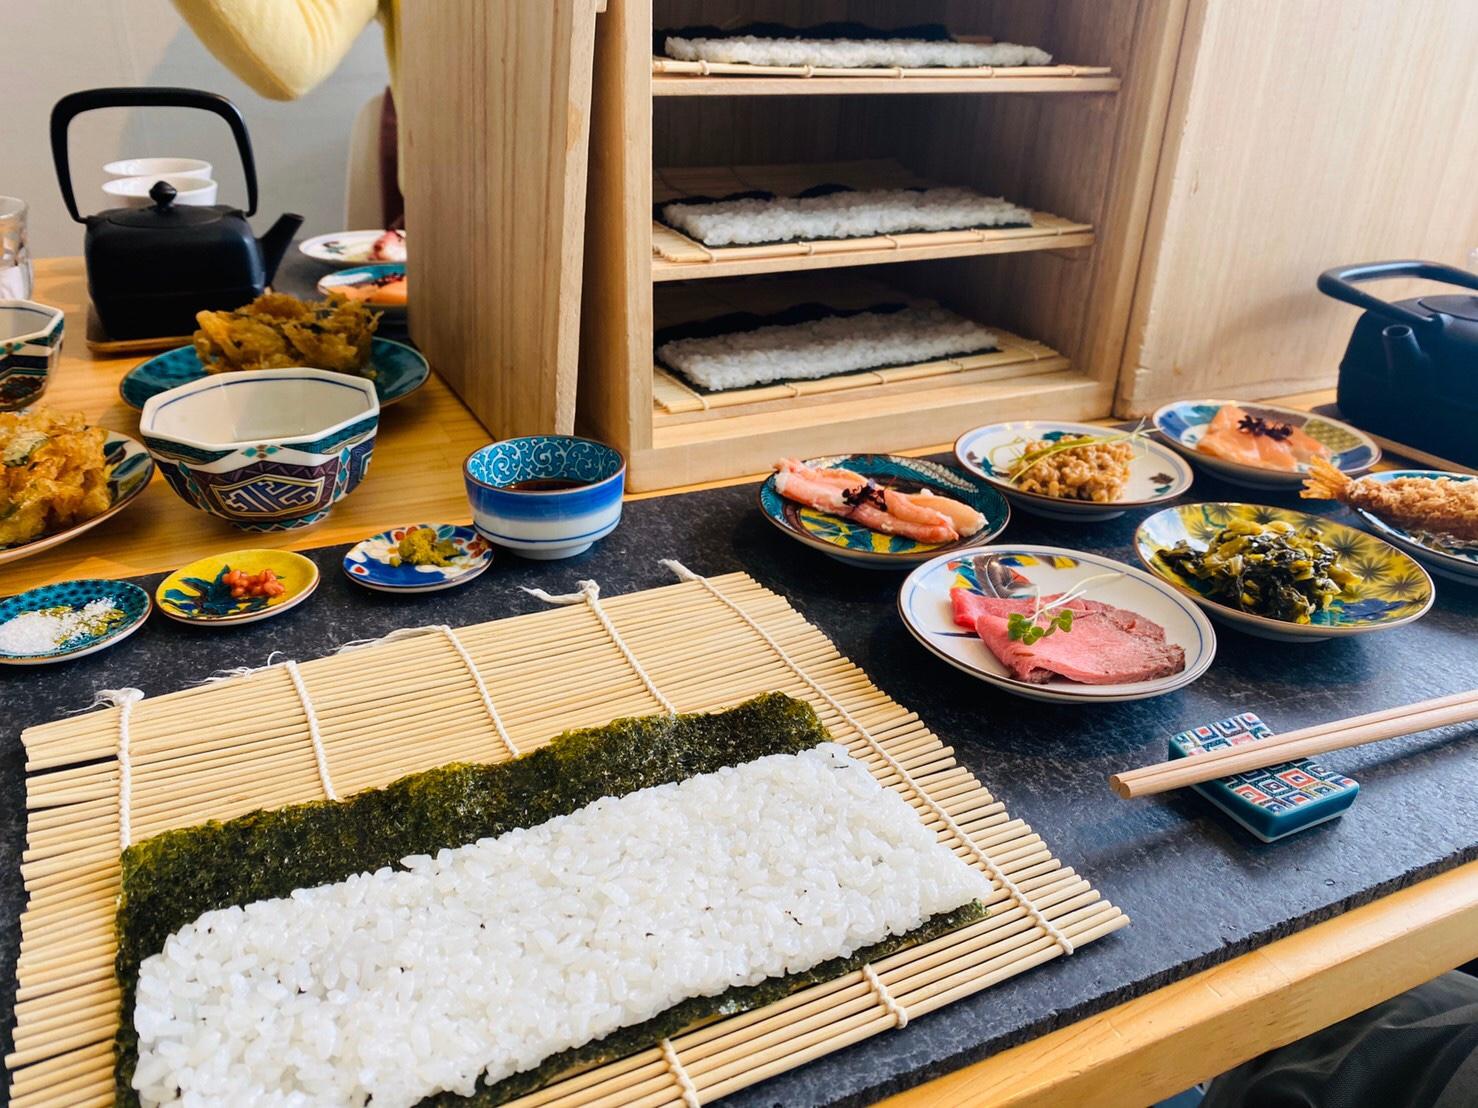 【女子旅におすすめ】《石川県 金沢》インスタ映え♪ 金沢にしかない必ず行きたい人気グルメスポット✩*.°_2